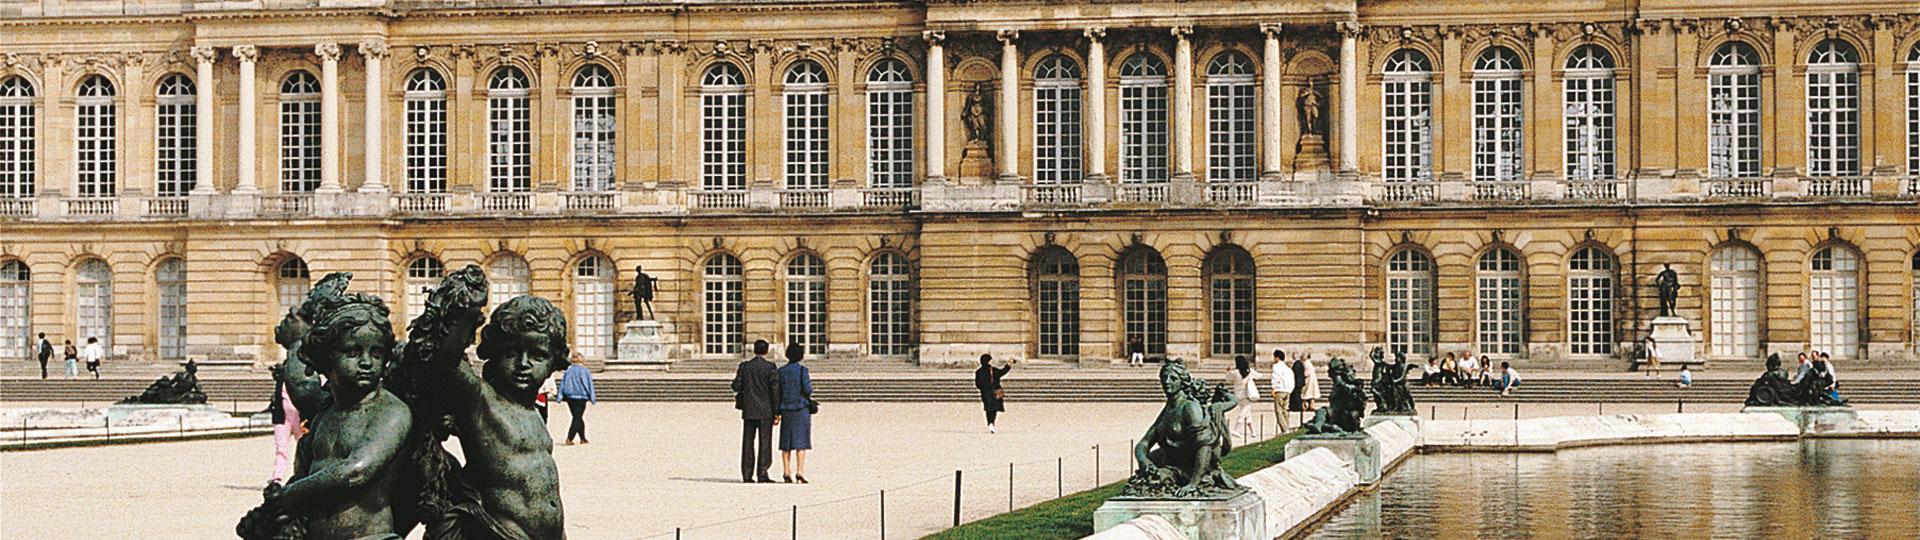 Chateau de Versaille - Paris